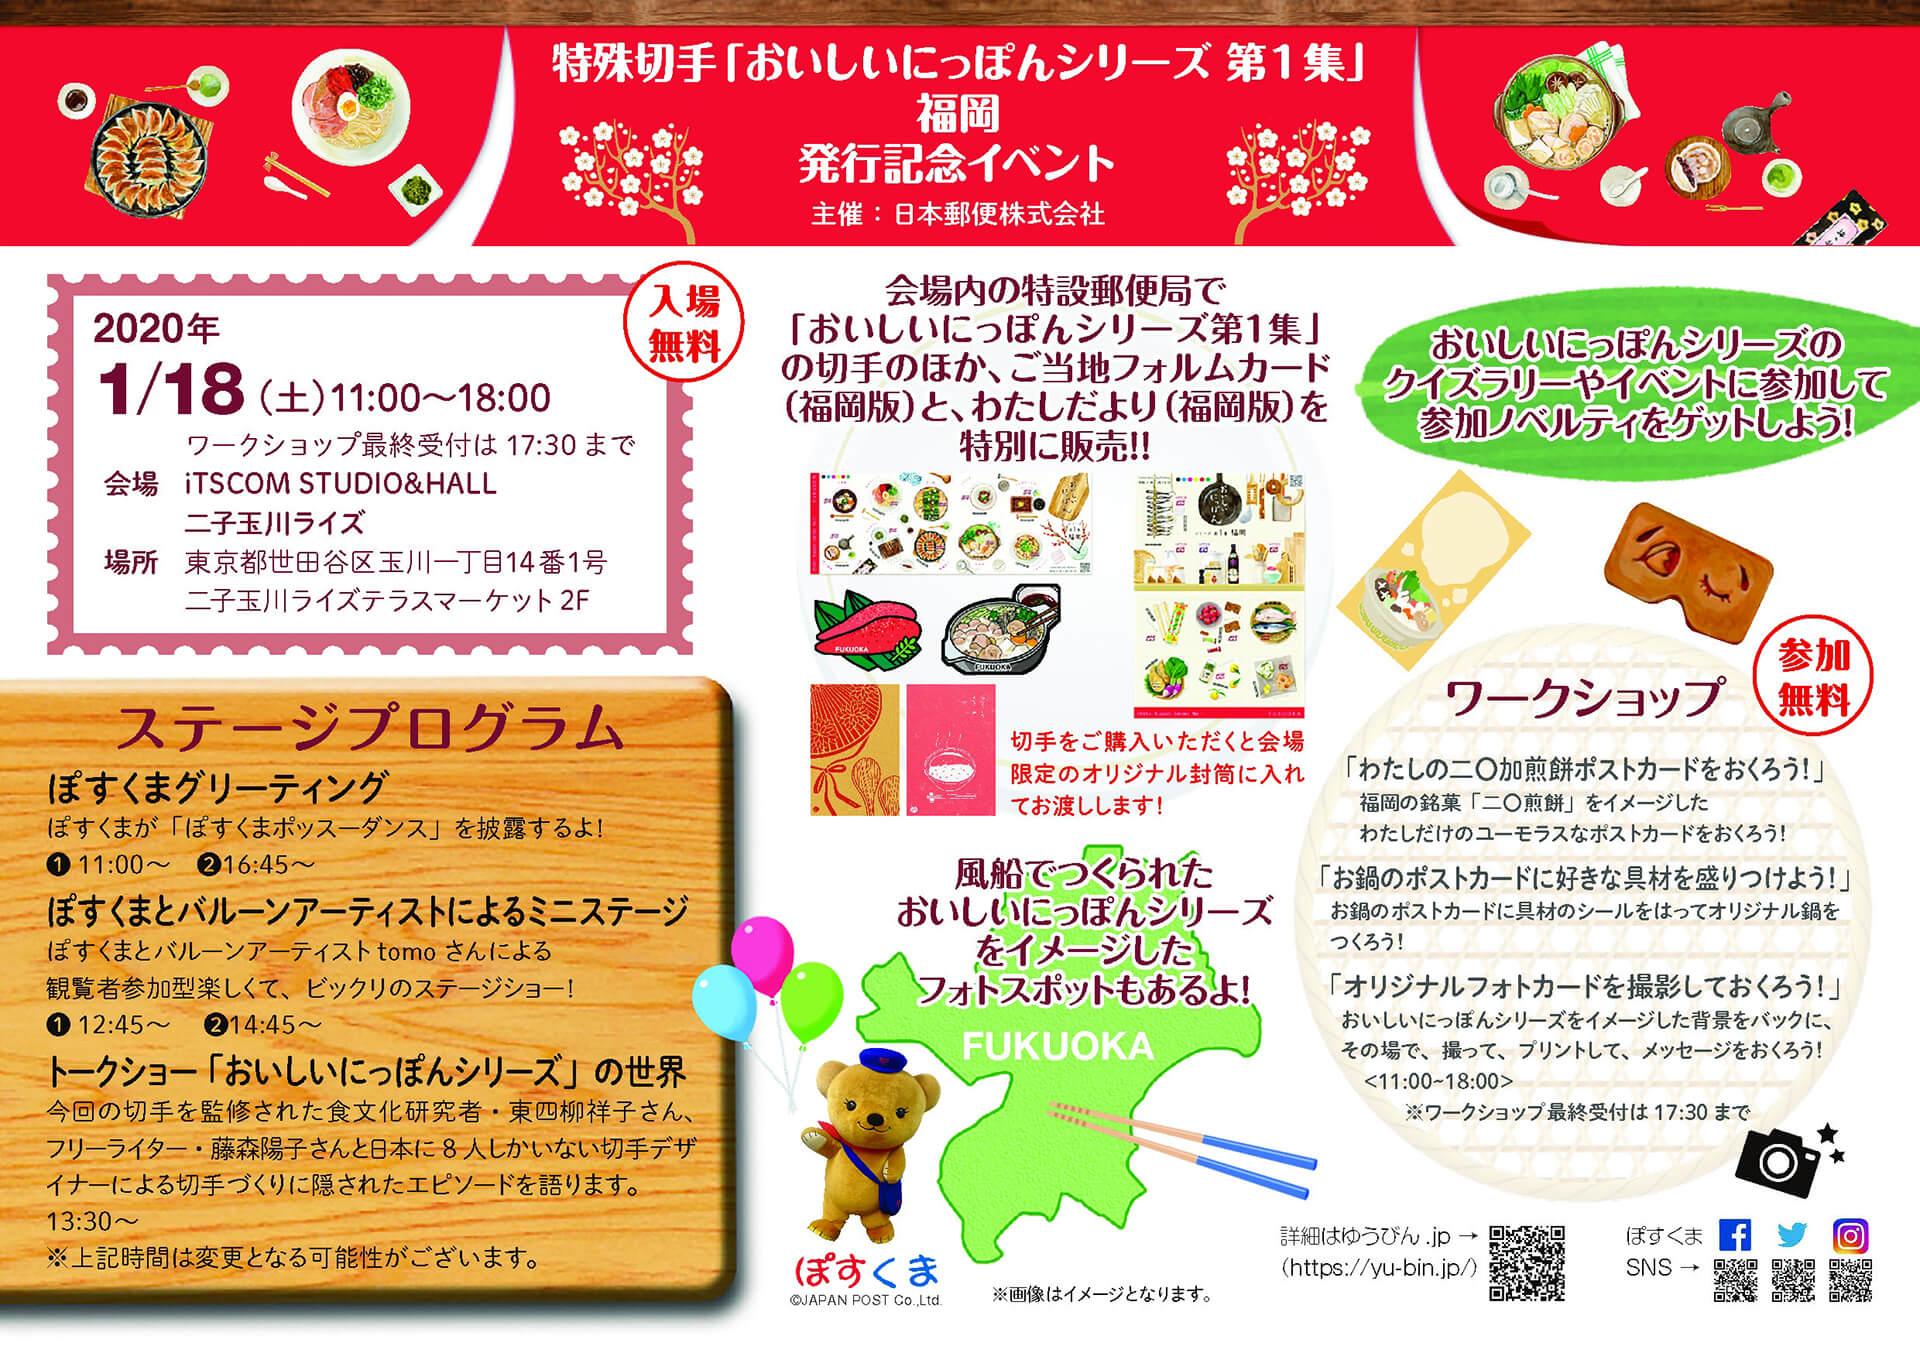 「おいしいにっぽんシリーズ第1集」発行記念イベント概要